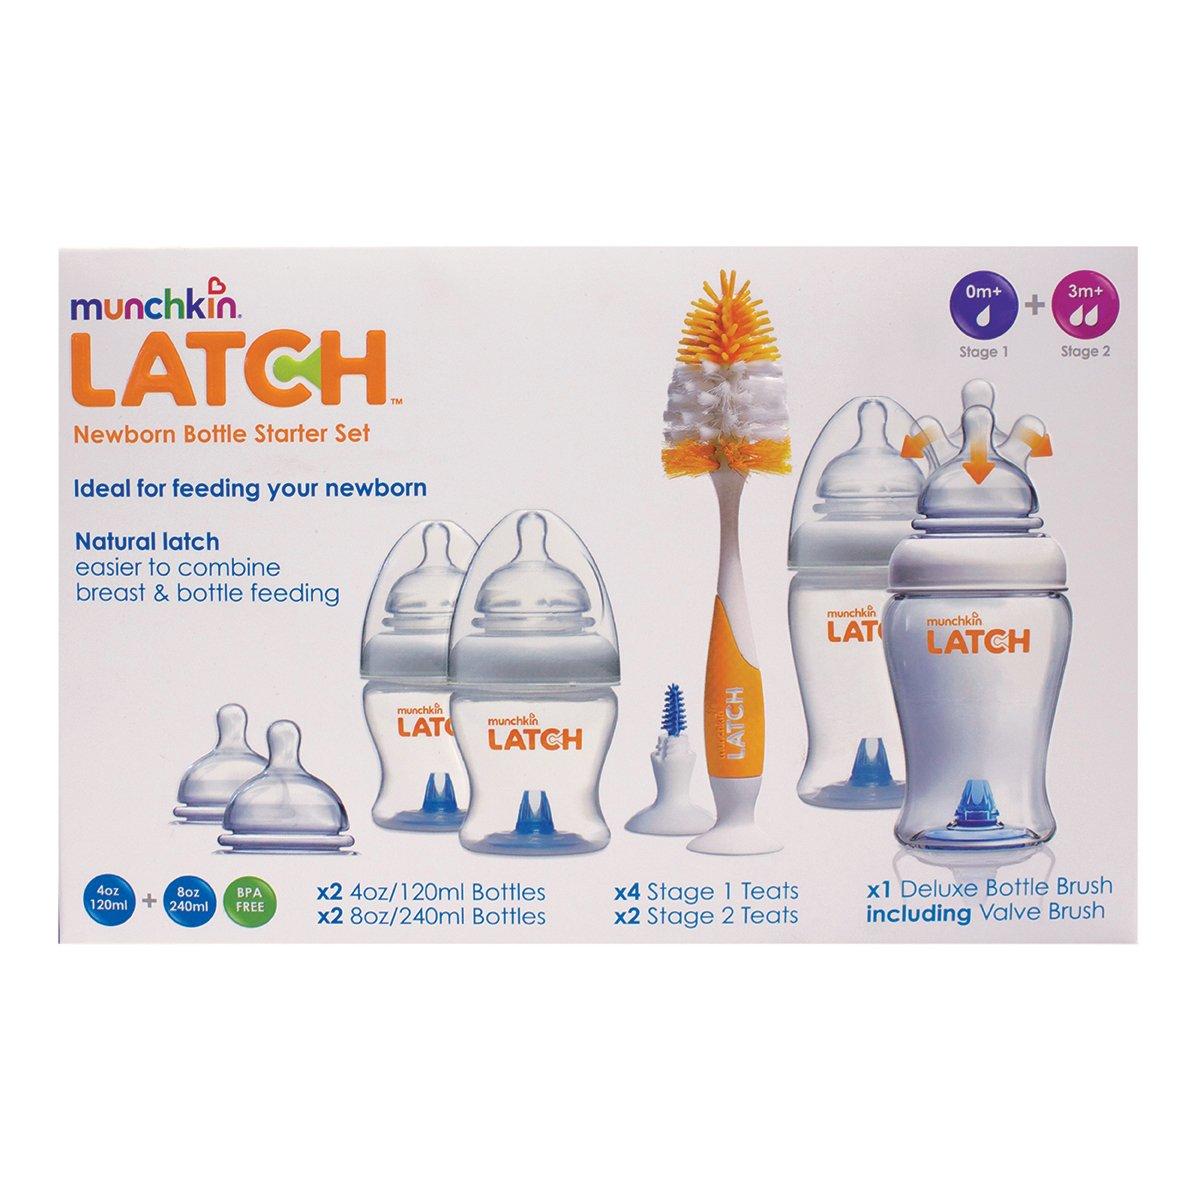 Munchkin Latch Fläschchen mit Zubehör, Set für Neugeborene Set für Neugeborene 011650